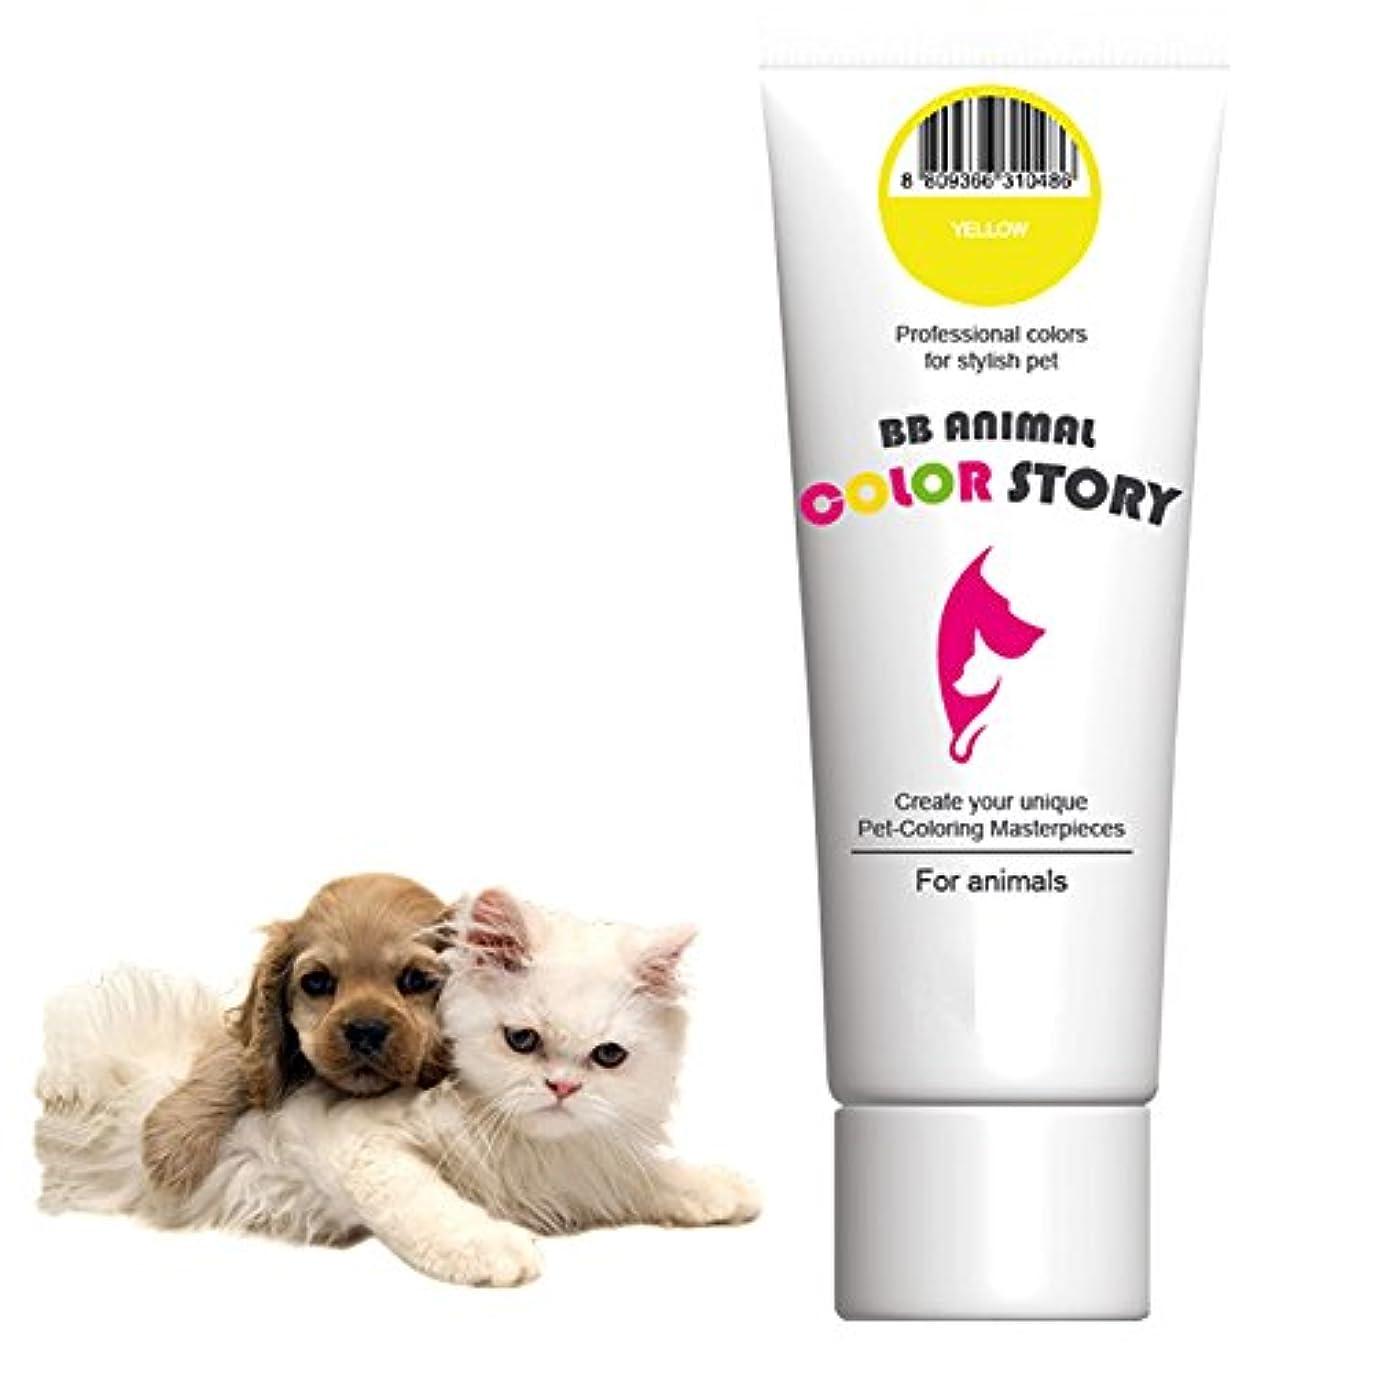 緩める必要条件ラウンジ毛染め, 犬ヘアダイ Yellow カラーリング Dog Hair Hair Bleach Dye Hair Coloring Professional Colors for Stylish Pet 50ml 並行輸入